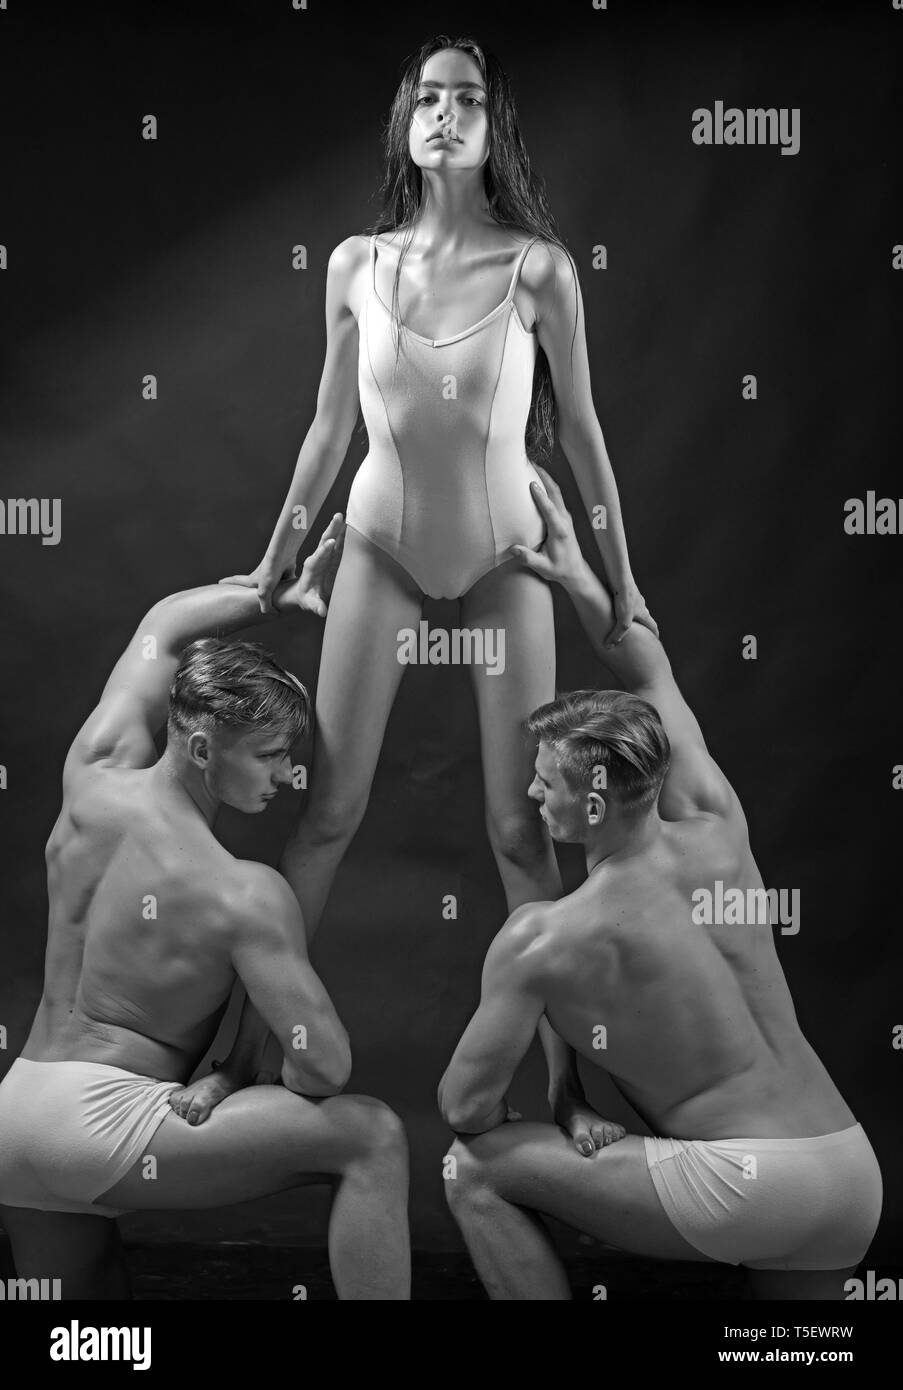 Flexibilidad en la acrobacia. flexibilidad muscular de hombres y mujer bonita en blanco sportswear. Imagen De Stock